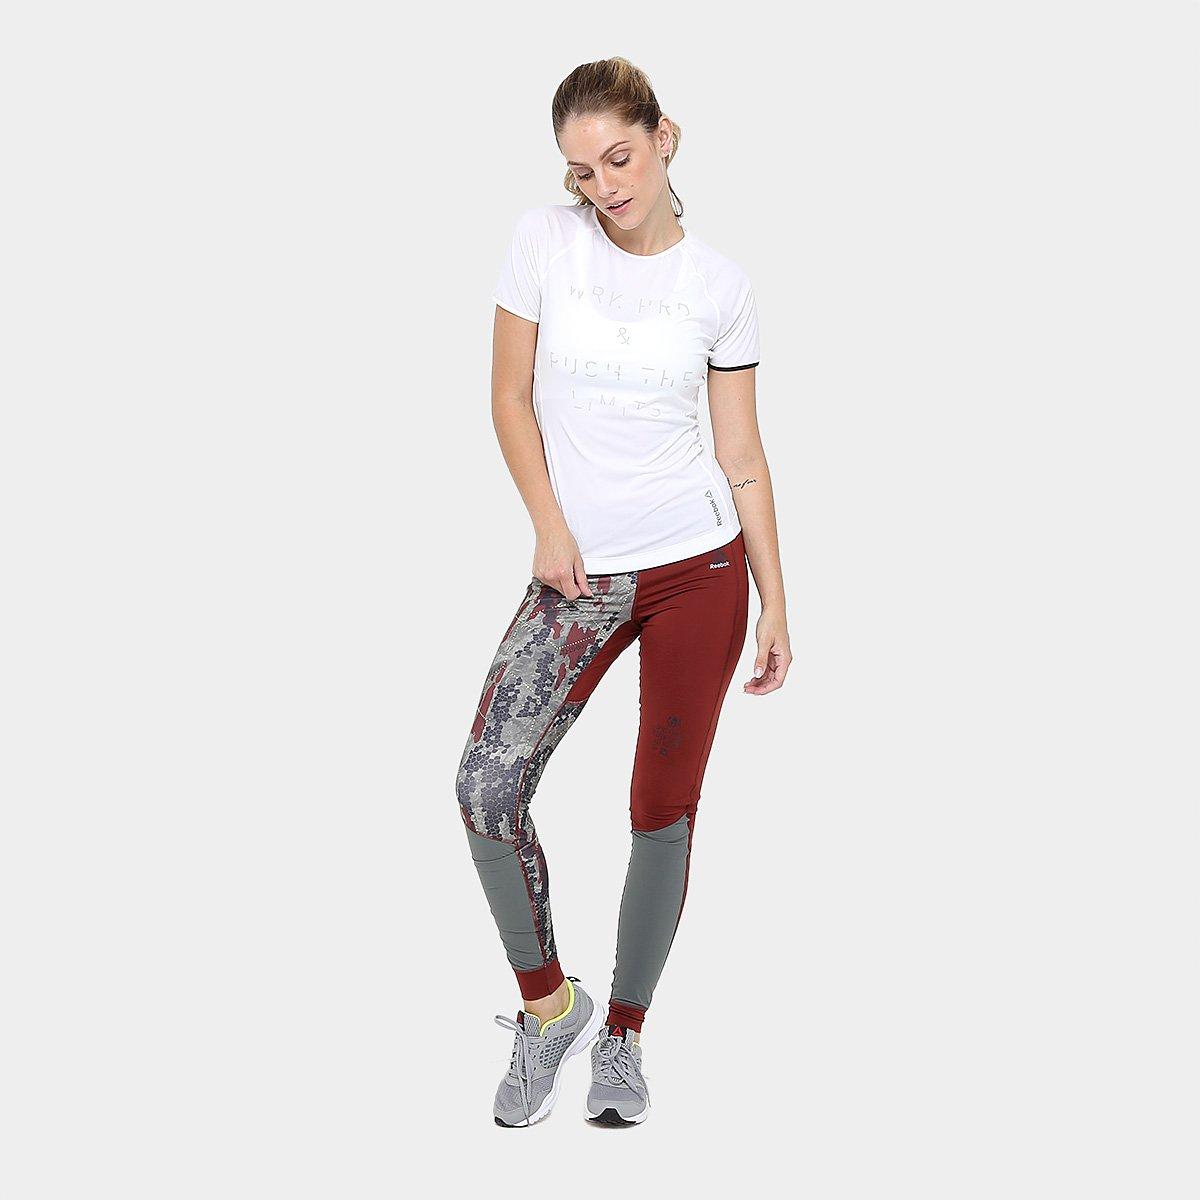 9c20afc978 Calça Legging Reebok Compressão Sr Feminina - Compre Agora